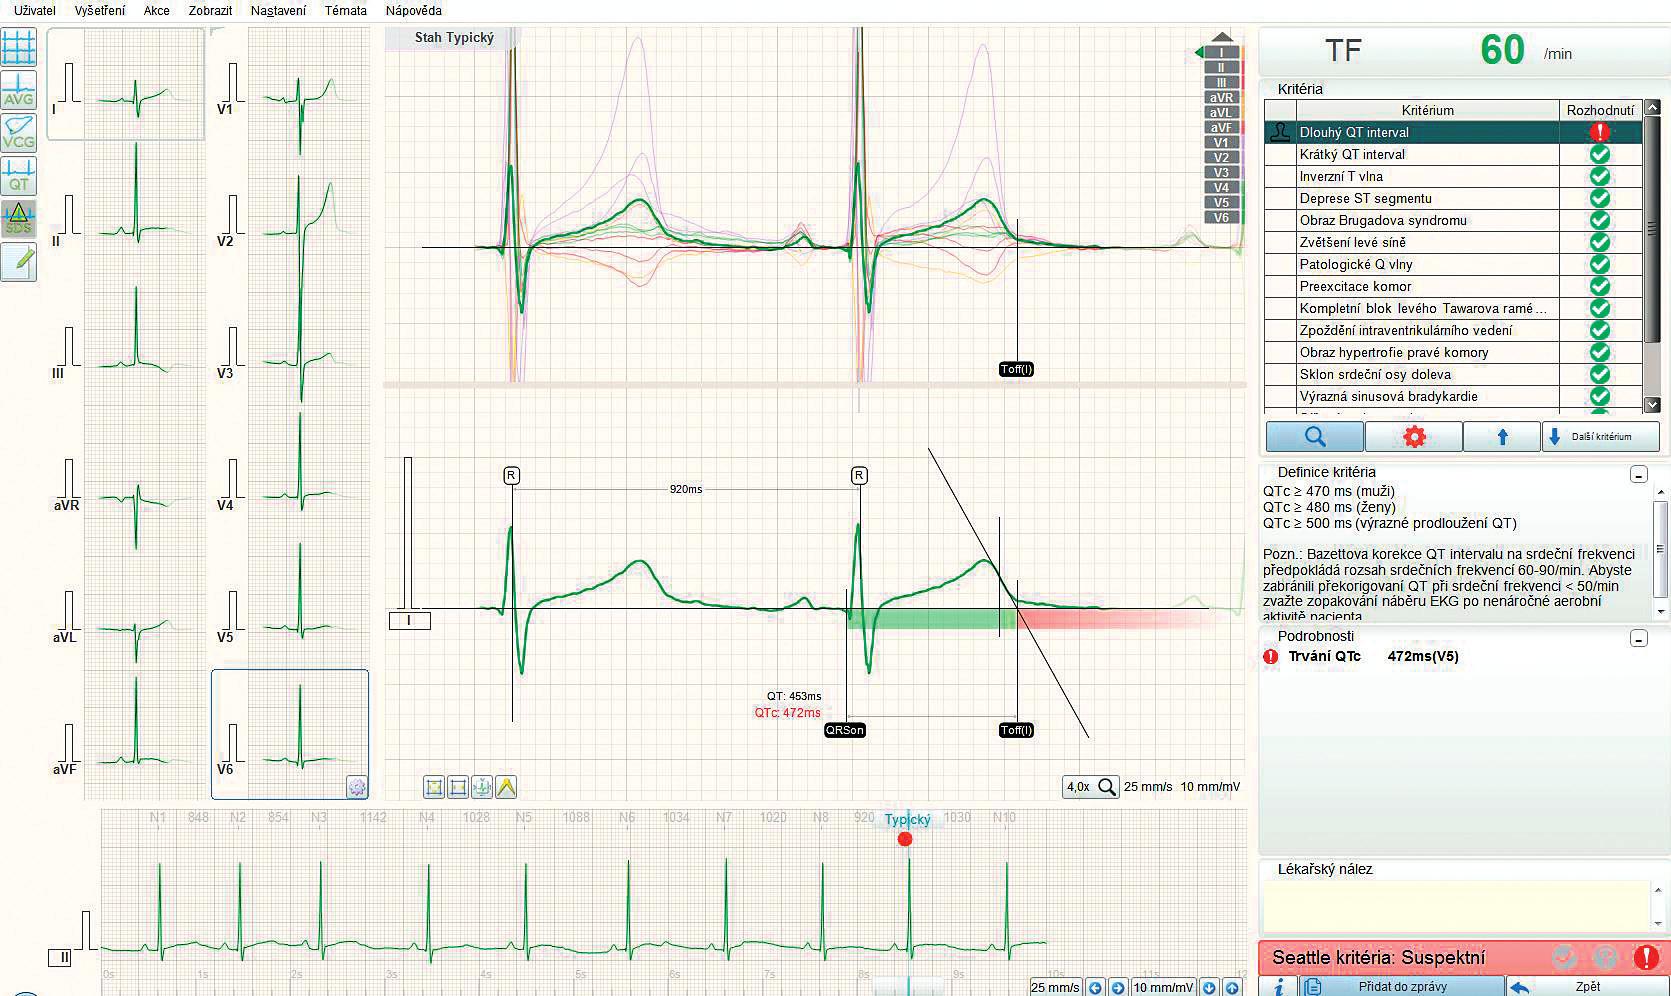 Interaktivní plocha softwarového Sudden Death Screening (SDS) modulu fy BTL pro odhalení patologických nálezů na 12-svodovém EKG sportovců ve věku 14–35 let používající mezinárodní interpretační kritéria. EKG je importováno do modulu, který je součástí počítačového EKG softwaru (BTL Cardiopoint, BTL zdravotnická technika a.s., Praha, Česká republika). V pravé části obrazovky je seznam EKG patologií, které modul vyhodnocuje a vyhodnocení může být kontrolováno operátorem. Na zobrazené EKG křivce je patrné interaktivní rozměření QT intervalu s výpočtem korigovaného QT (QTc). Podobně je možno kontrolovat vyhodnocení dalších kritérií patologie. Modul hodnotí jednotlivá kritéria patologie třemi stupni: negativní, hraniční nebo diskutabilní a pozitivní.